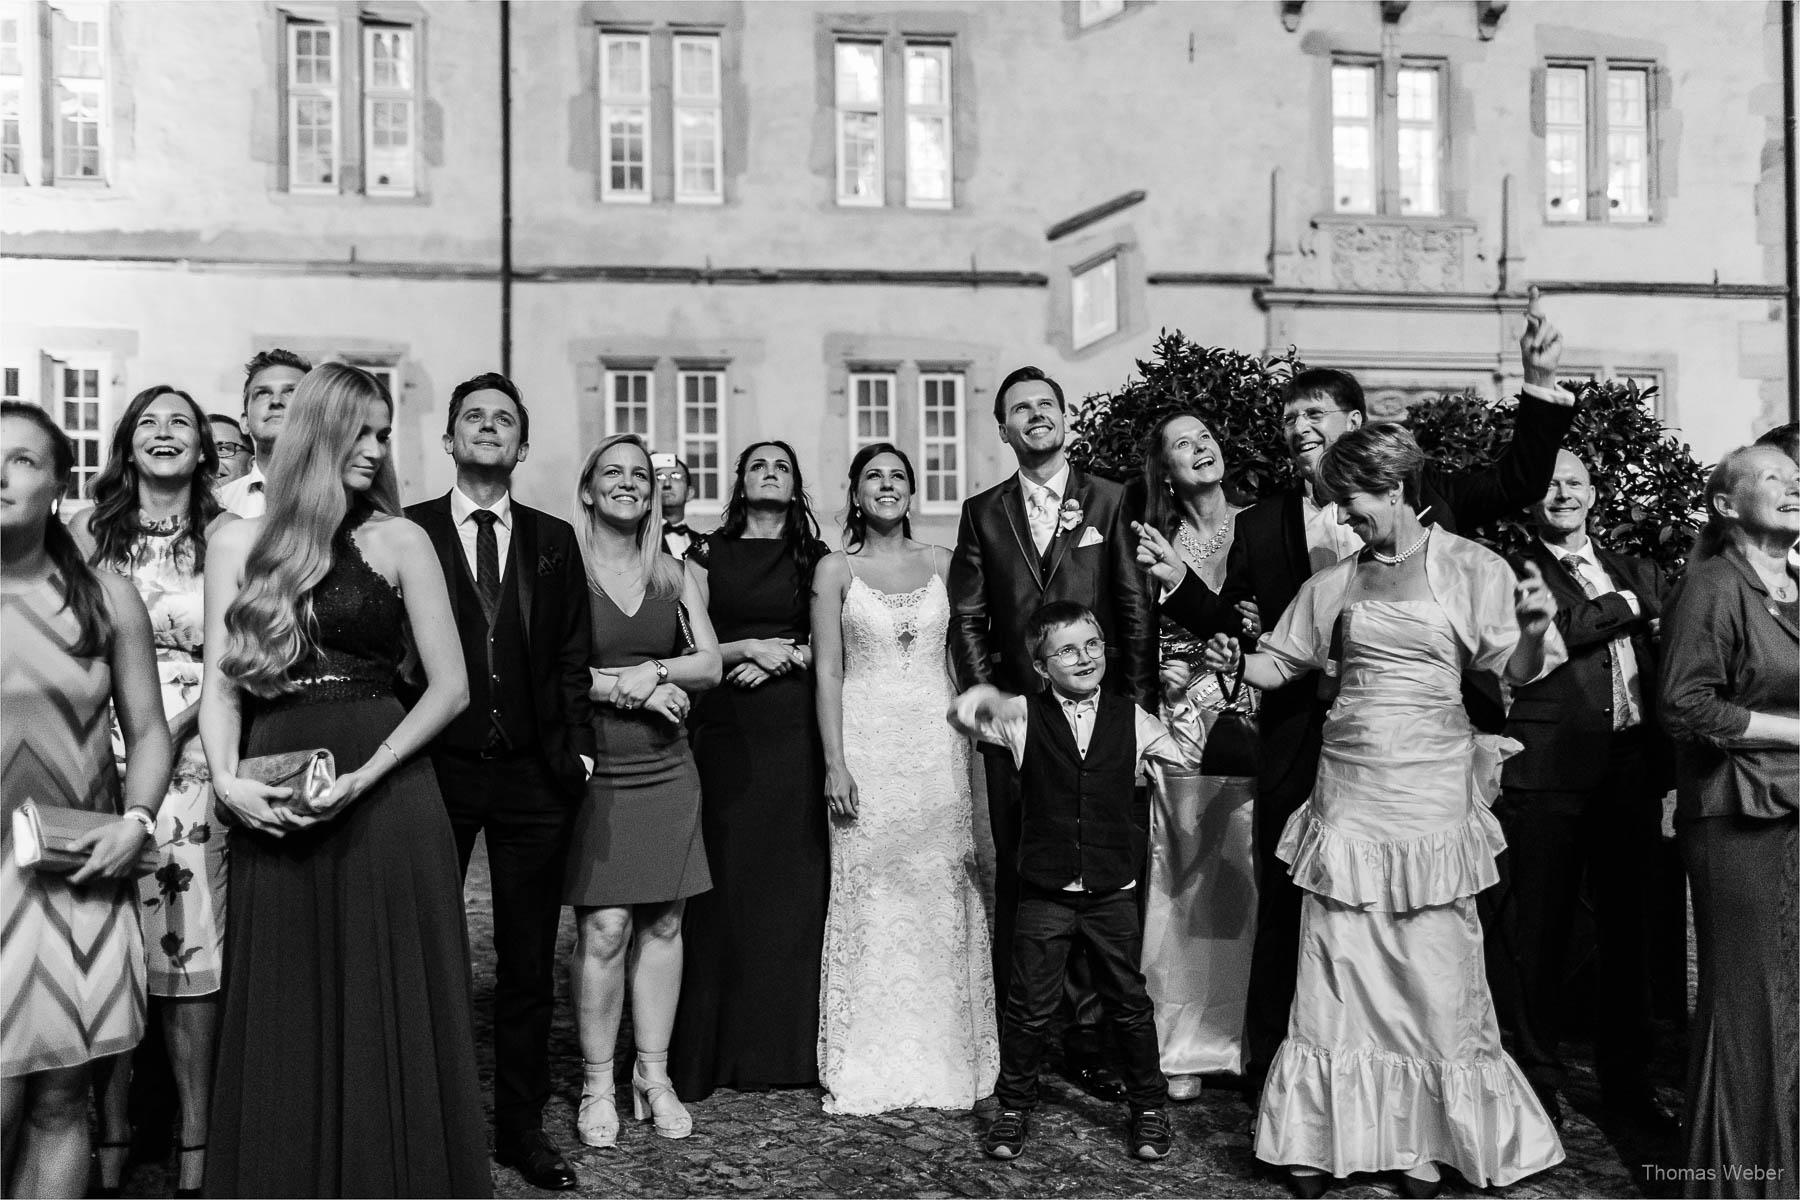 Schlosshochzeit in Norddeutschland, Hochzeitsfotograf Thomas Weber aus Ostfriesland